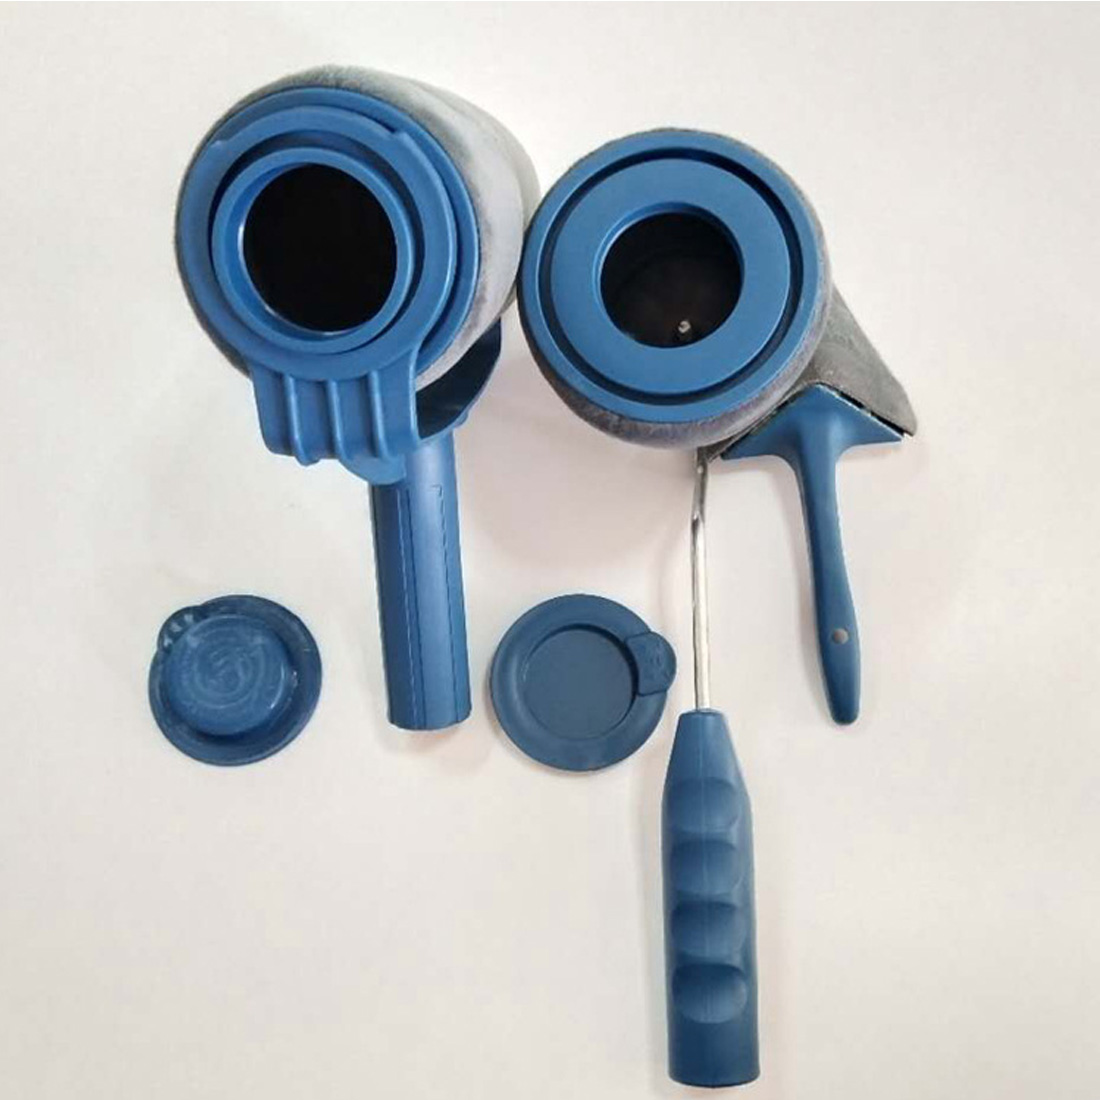 5 piezas de la pintura de DIY Runner Pro cepillo conjunto de herramientas con flocado bordeadora Oficina Casa habitación de pintura de la pared de pintura cepillo conjuntos